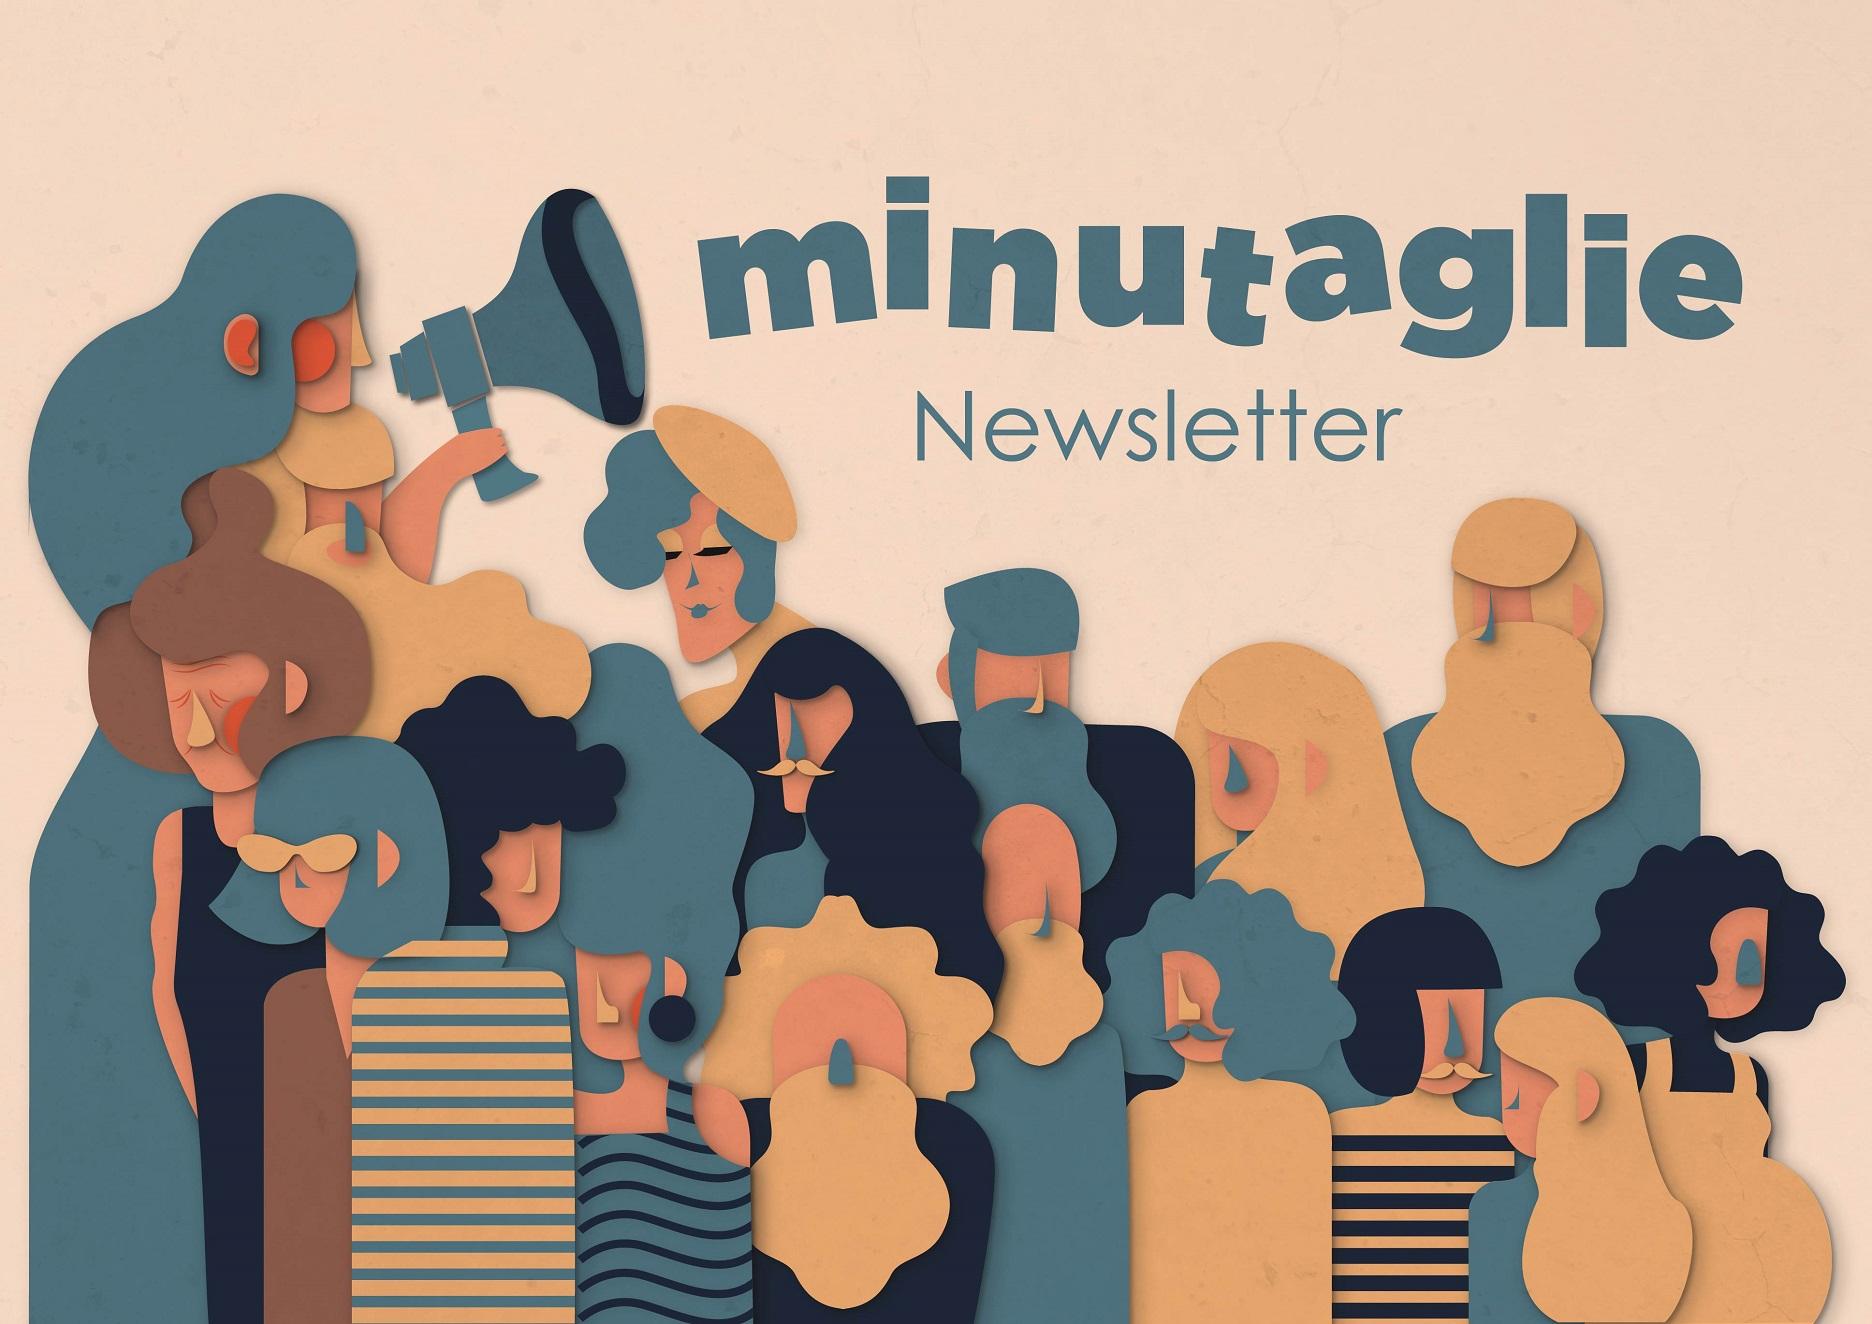 minutaglie newsletter